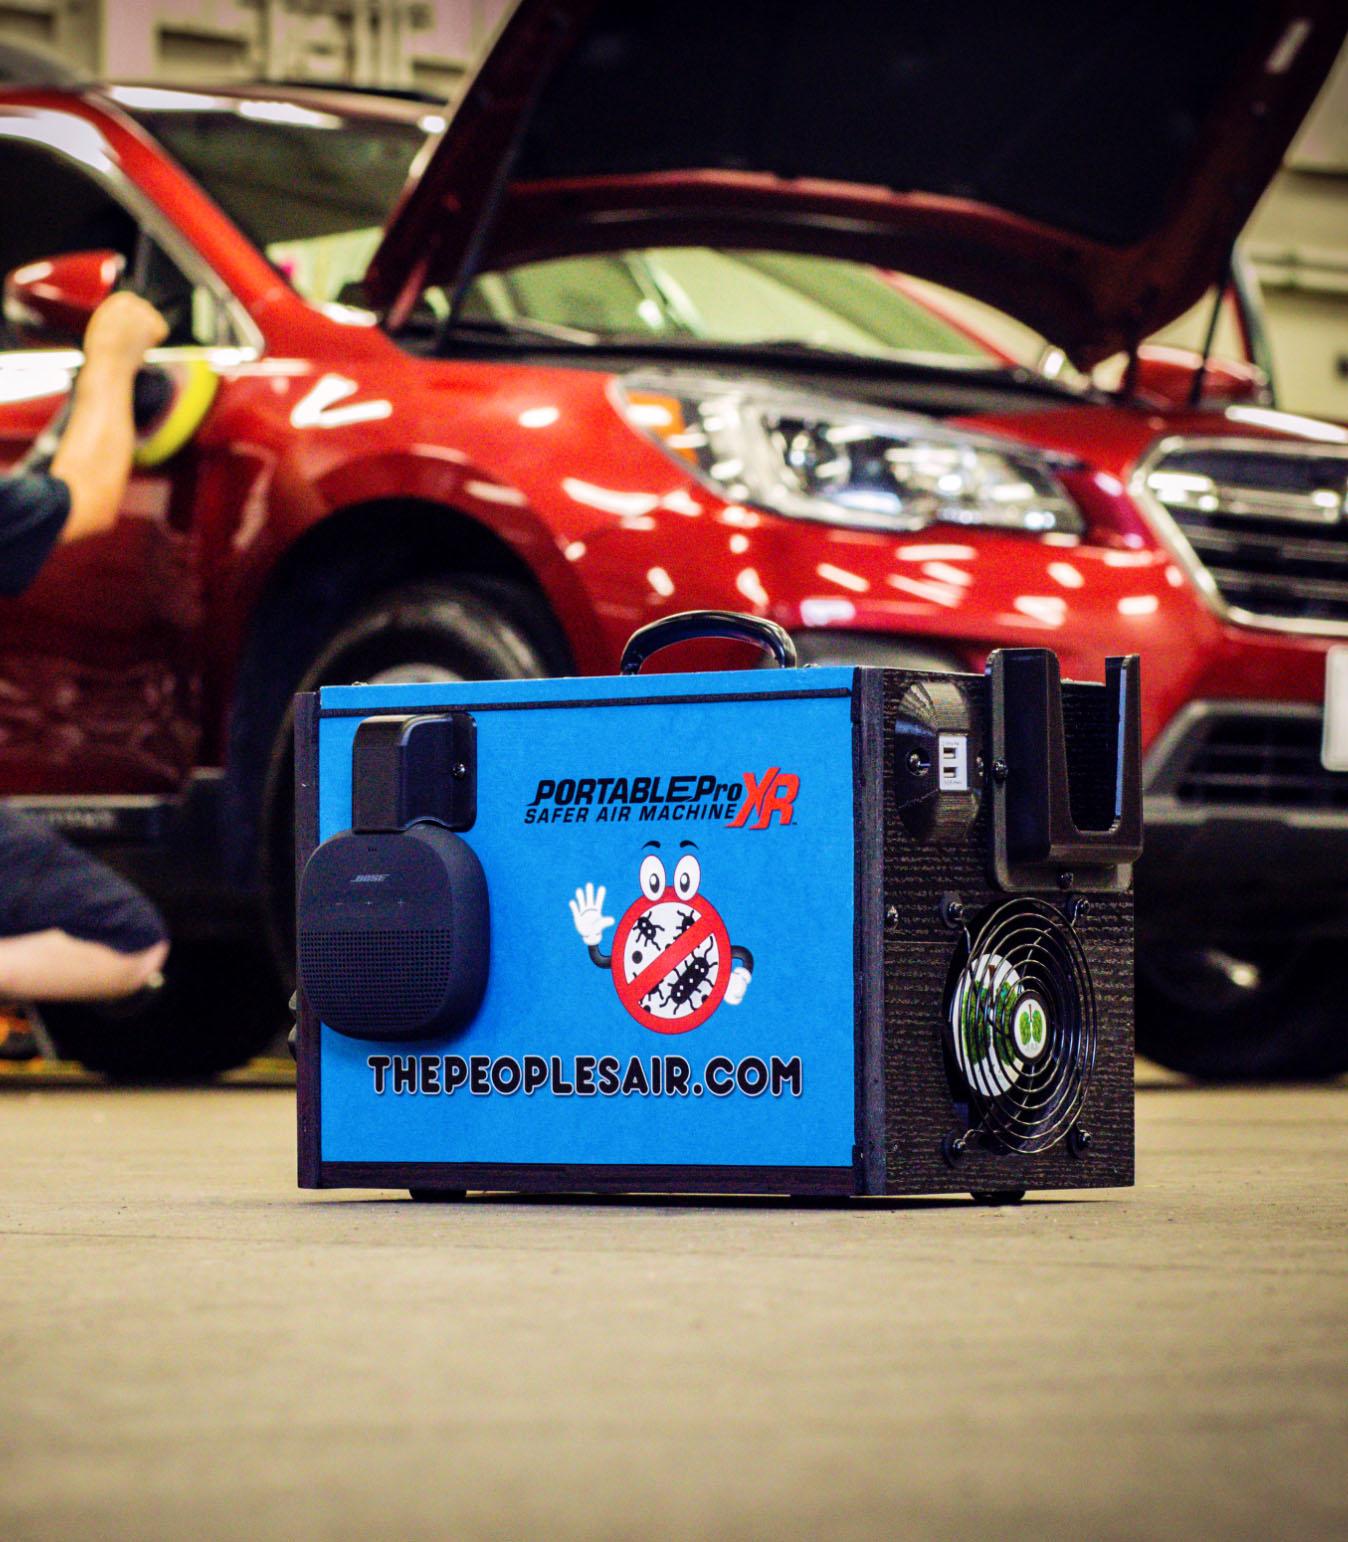 Portable Pro XR Air Machine in garage.